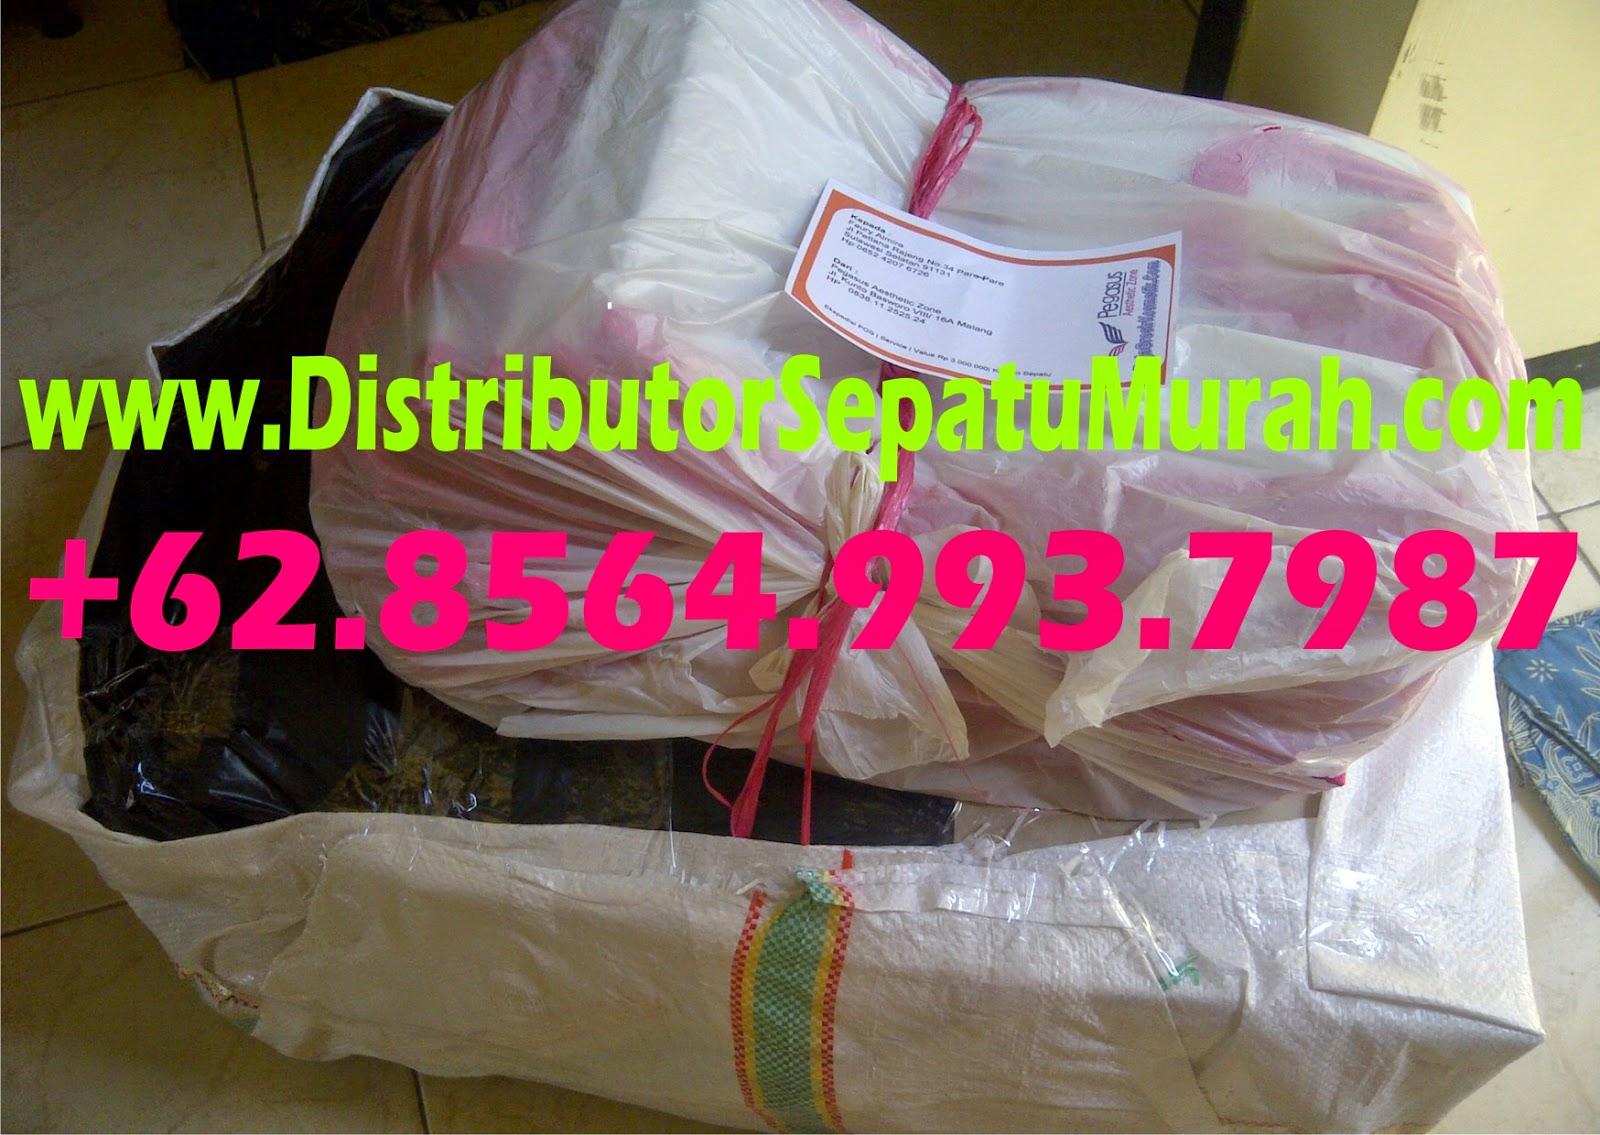 Online Kasut Wanita, Kasut Murah, Kasut Murah Online, Jualan Kasut Murah, www.distributorsepatumurah.com